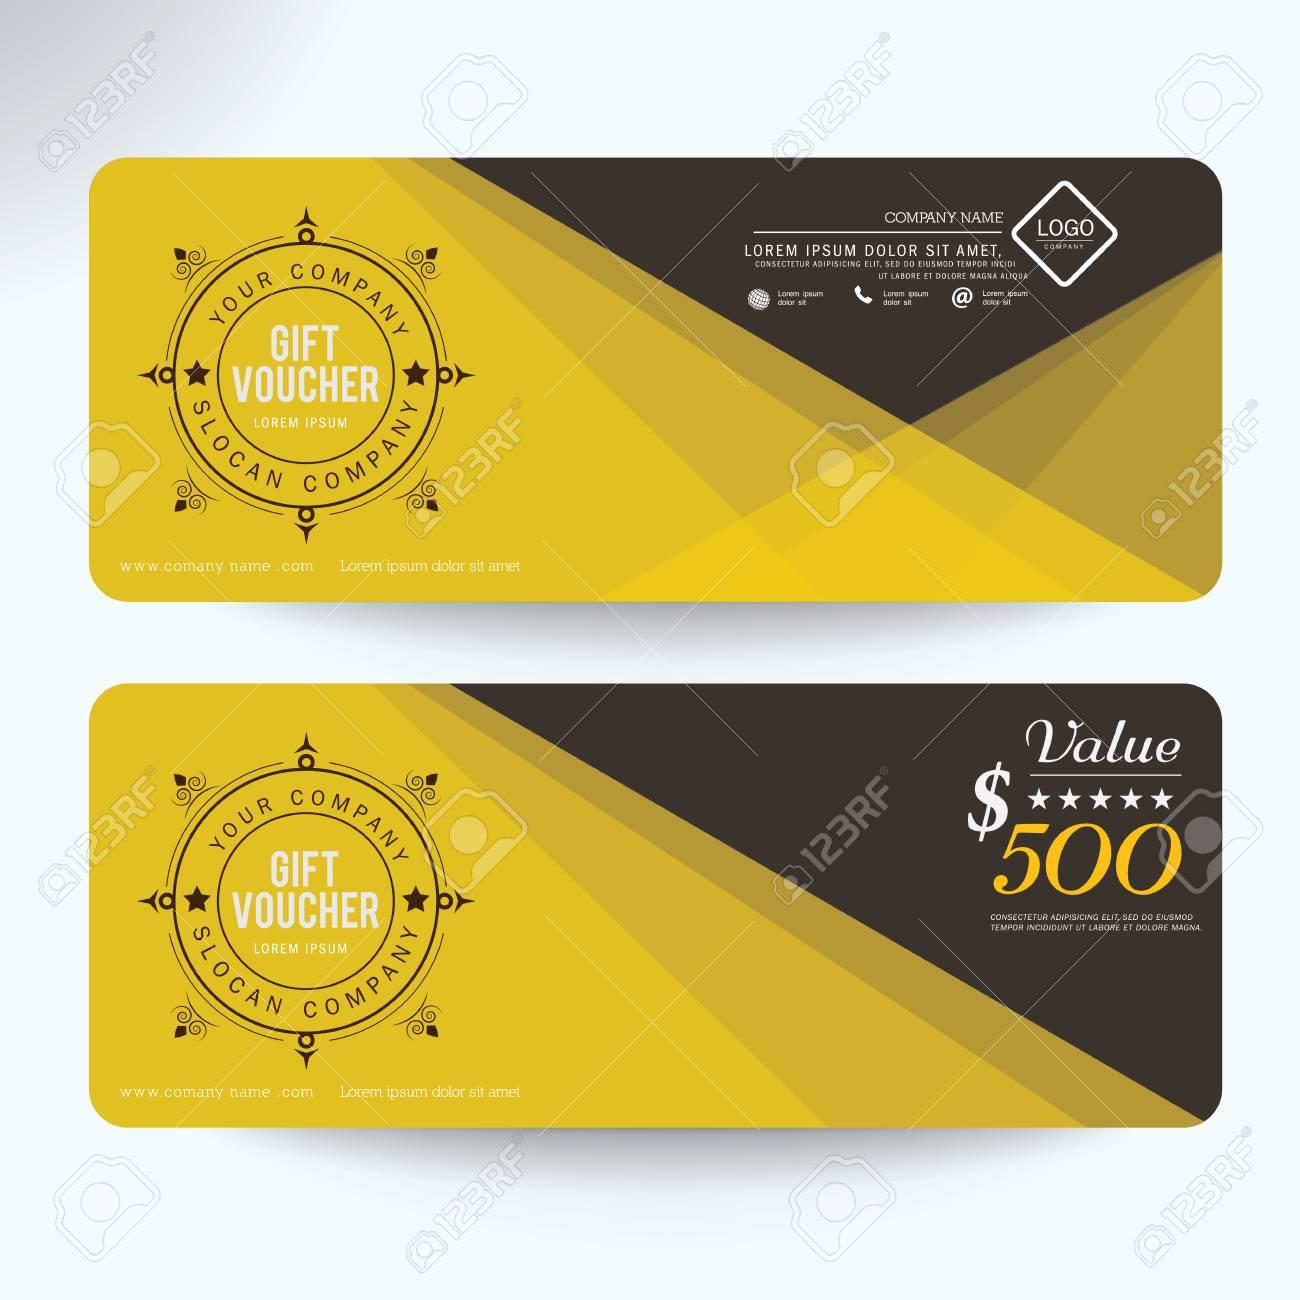 Gift voucher premier cards business cardsft voucher template gift voucher premier cards business cardsft voucher template with premium stock vector colourmoves